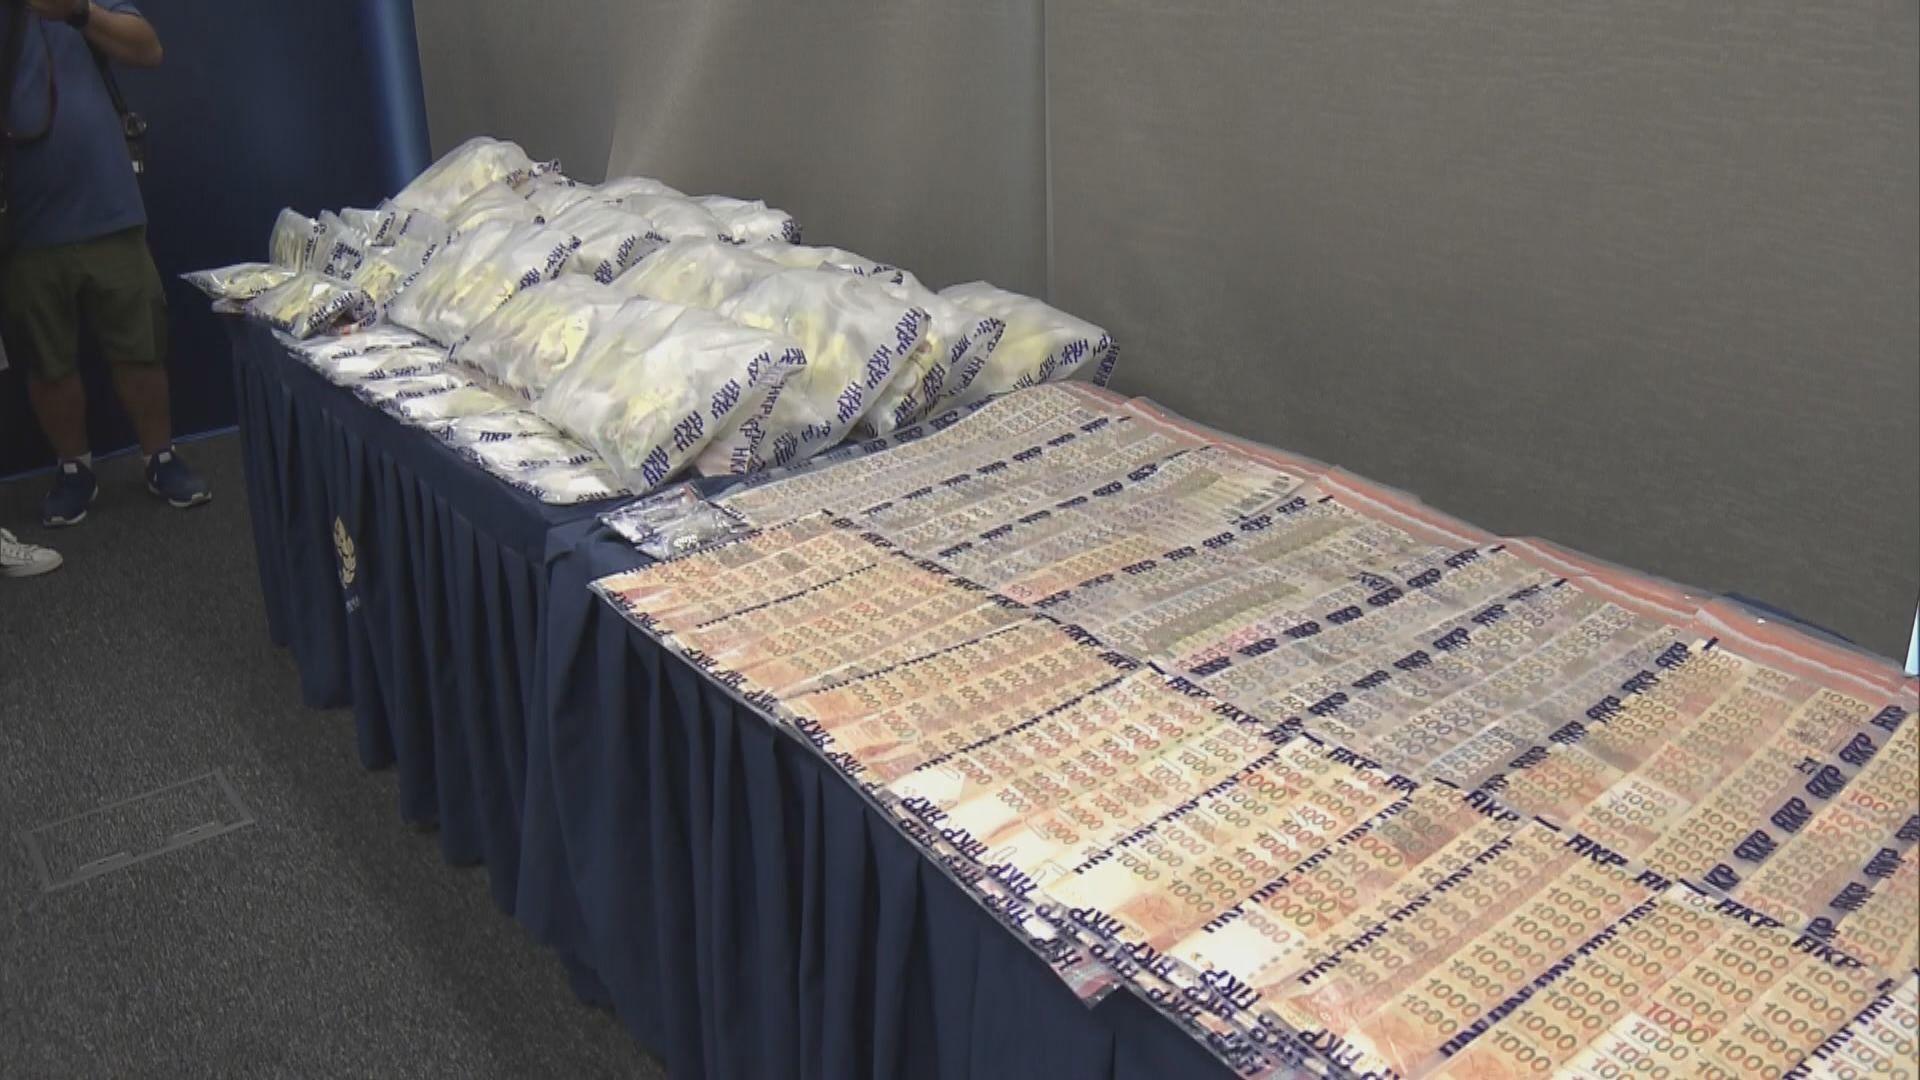 警方檢獲40公斤以椰子粉包裝作掩飾海洛英 拘七人